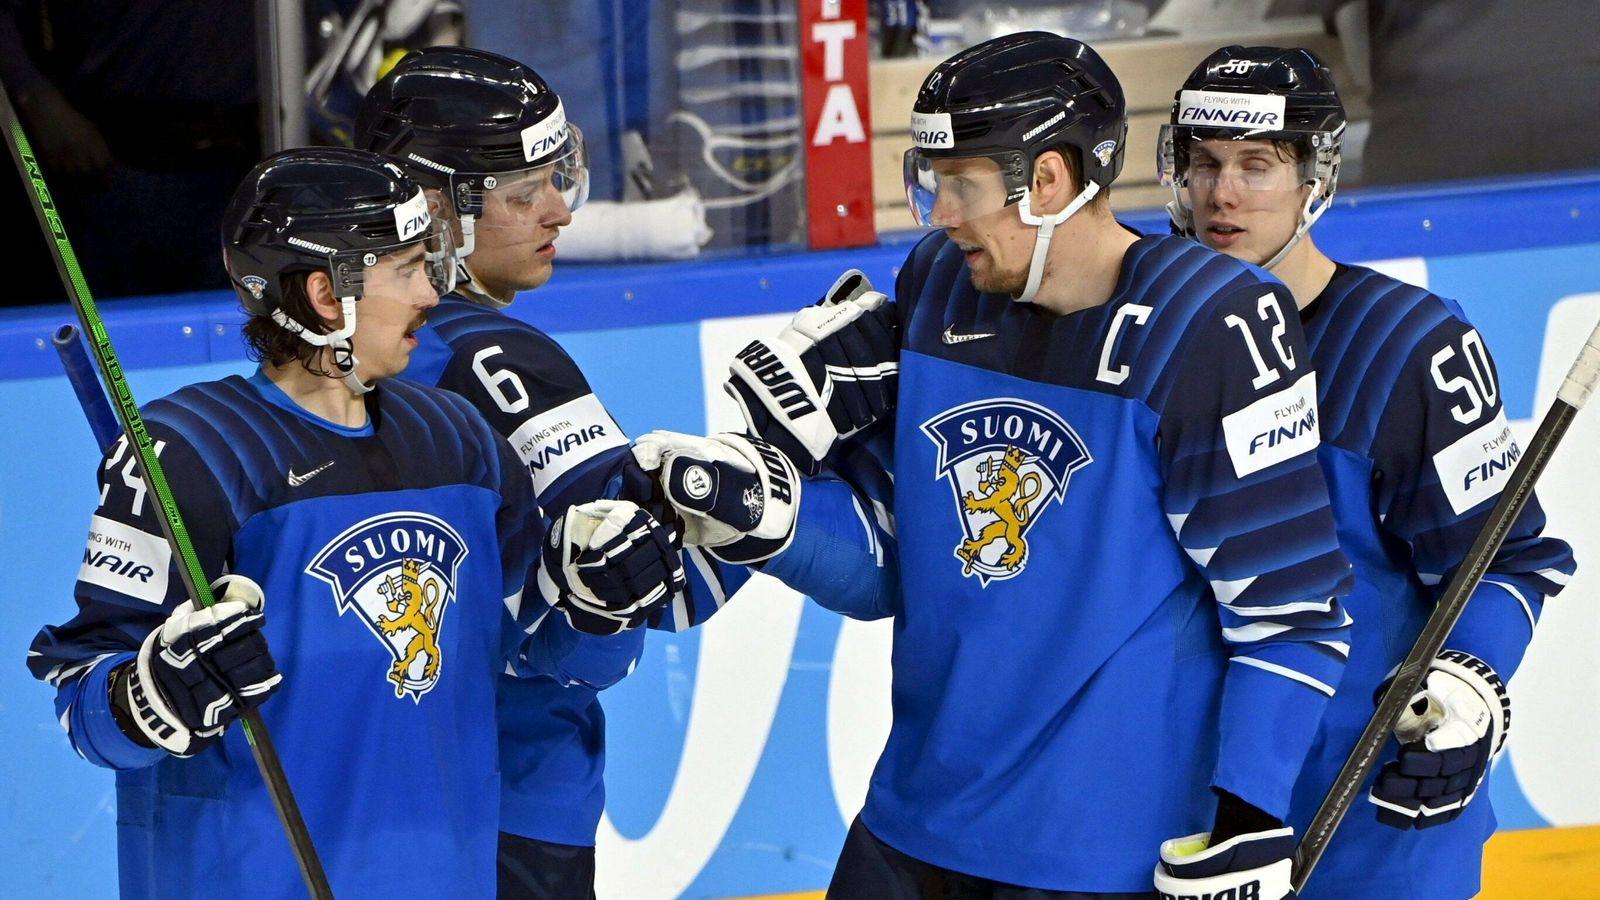 Ice Hockey World Cup News: Finland beats Germany |  Ice Hockey News